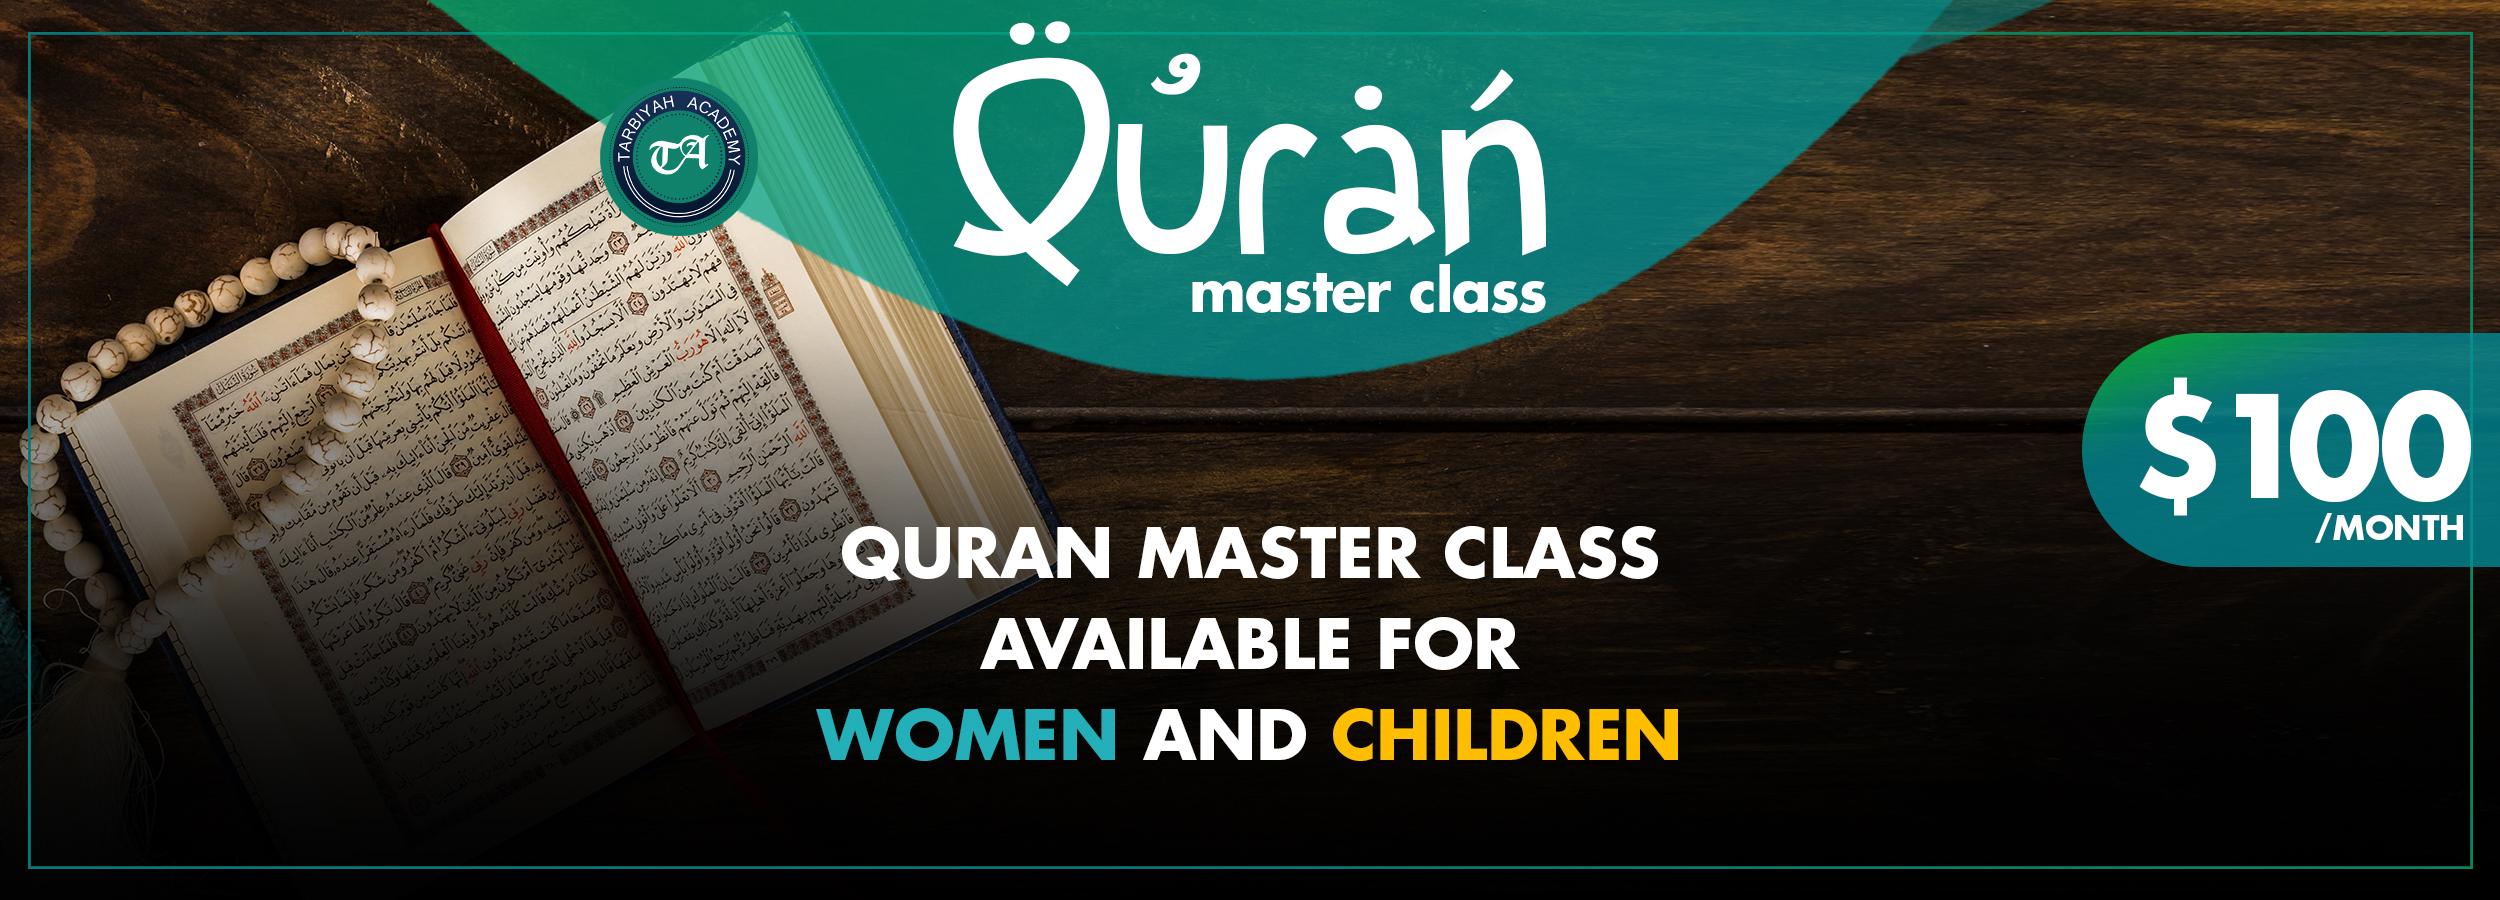 Quran-Master-Class-web